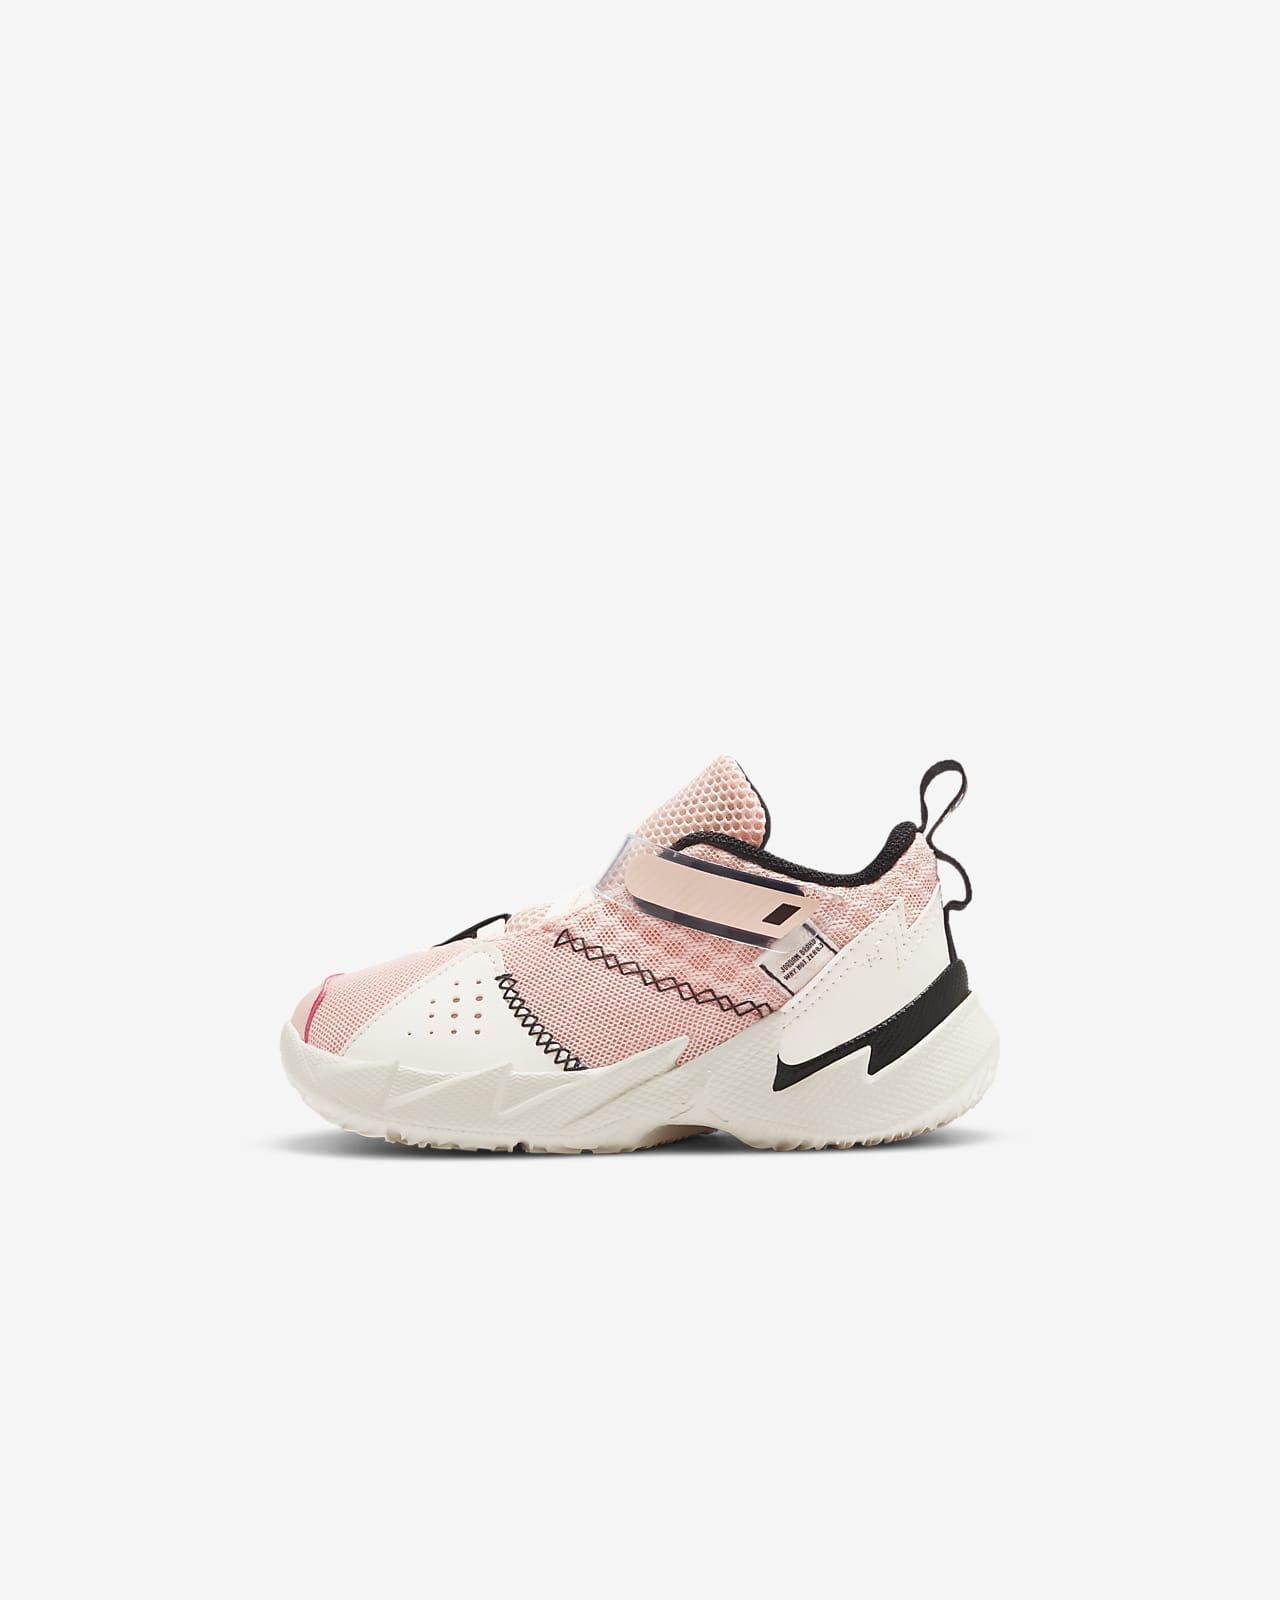 Jordan Why Not Zer0.3 (TD) 婴童运动童鞋